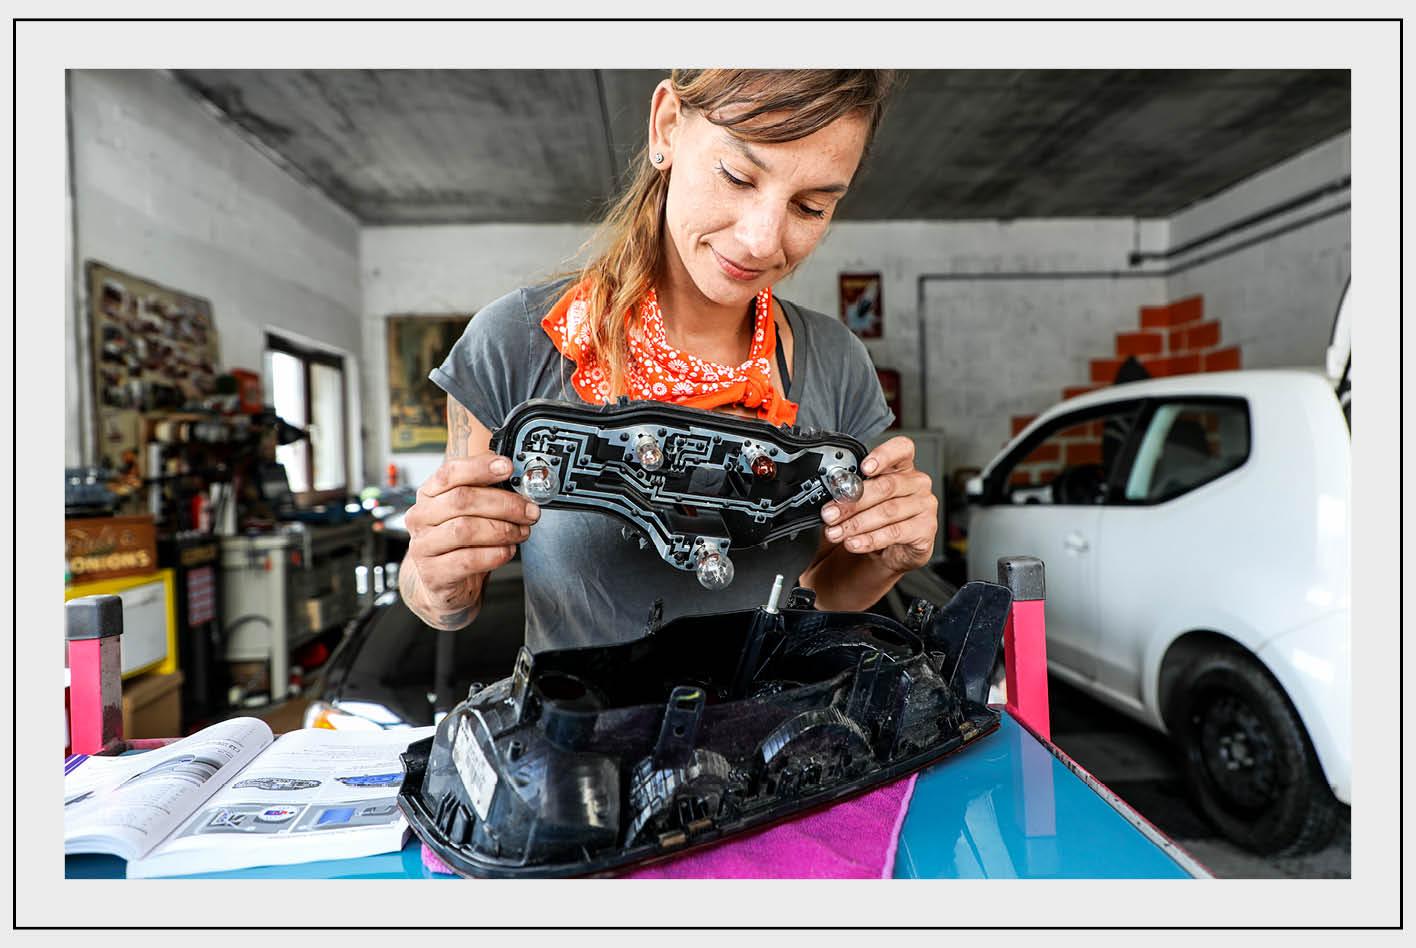 Auto-Beleuchtung: Woran kann es liegen, wenn sie nicht mehr funktioniert?